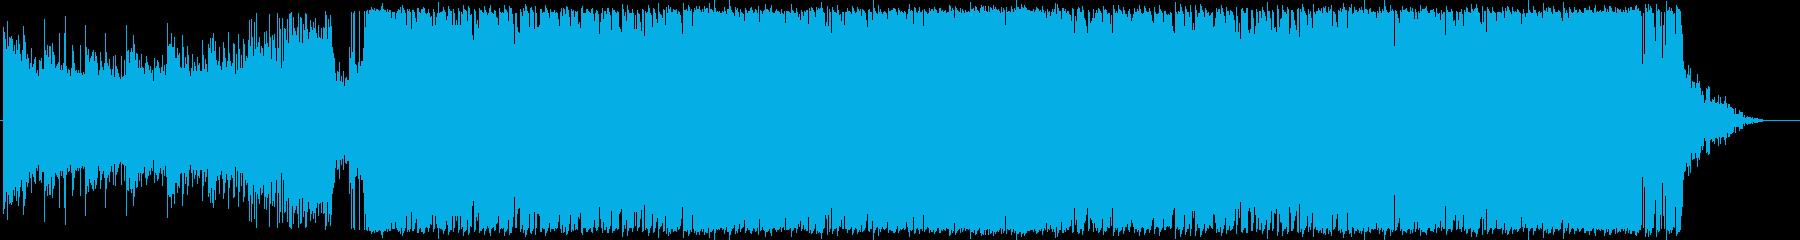 ジングル - ハイテンションの再生済みの波形